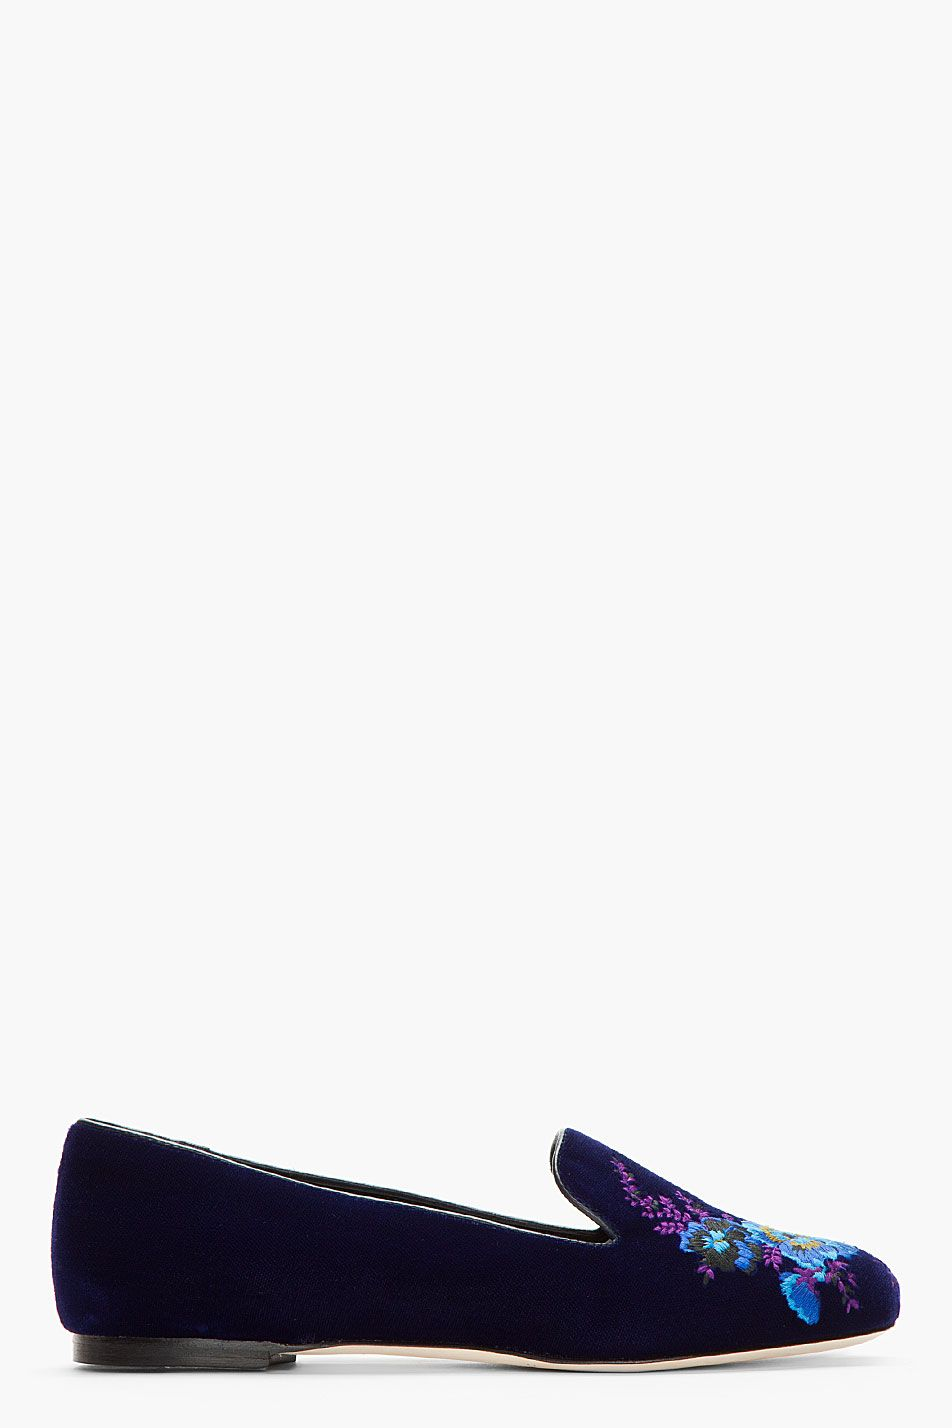 CHRISTOPHER KANE Indigo velvet Bouquet Embroidered Slippers